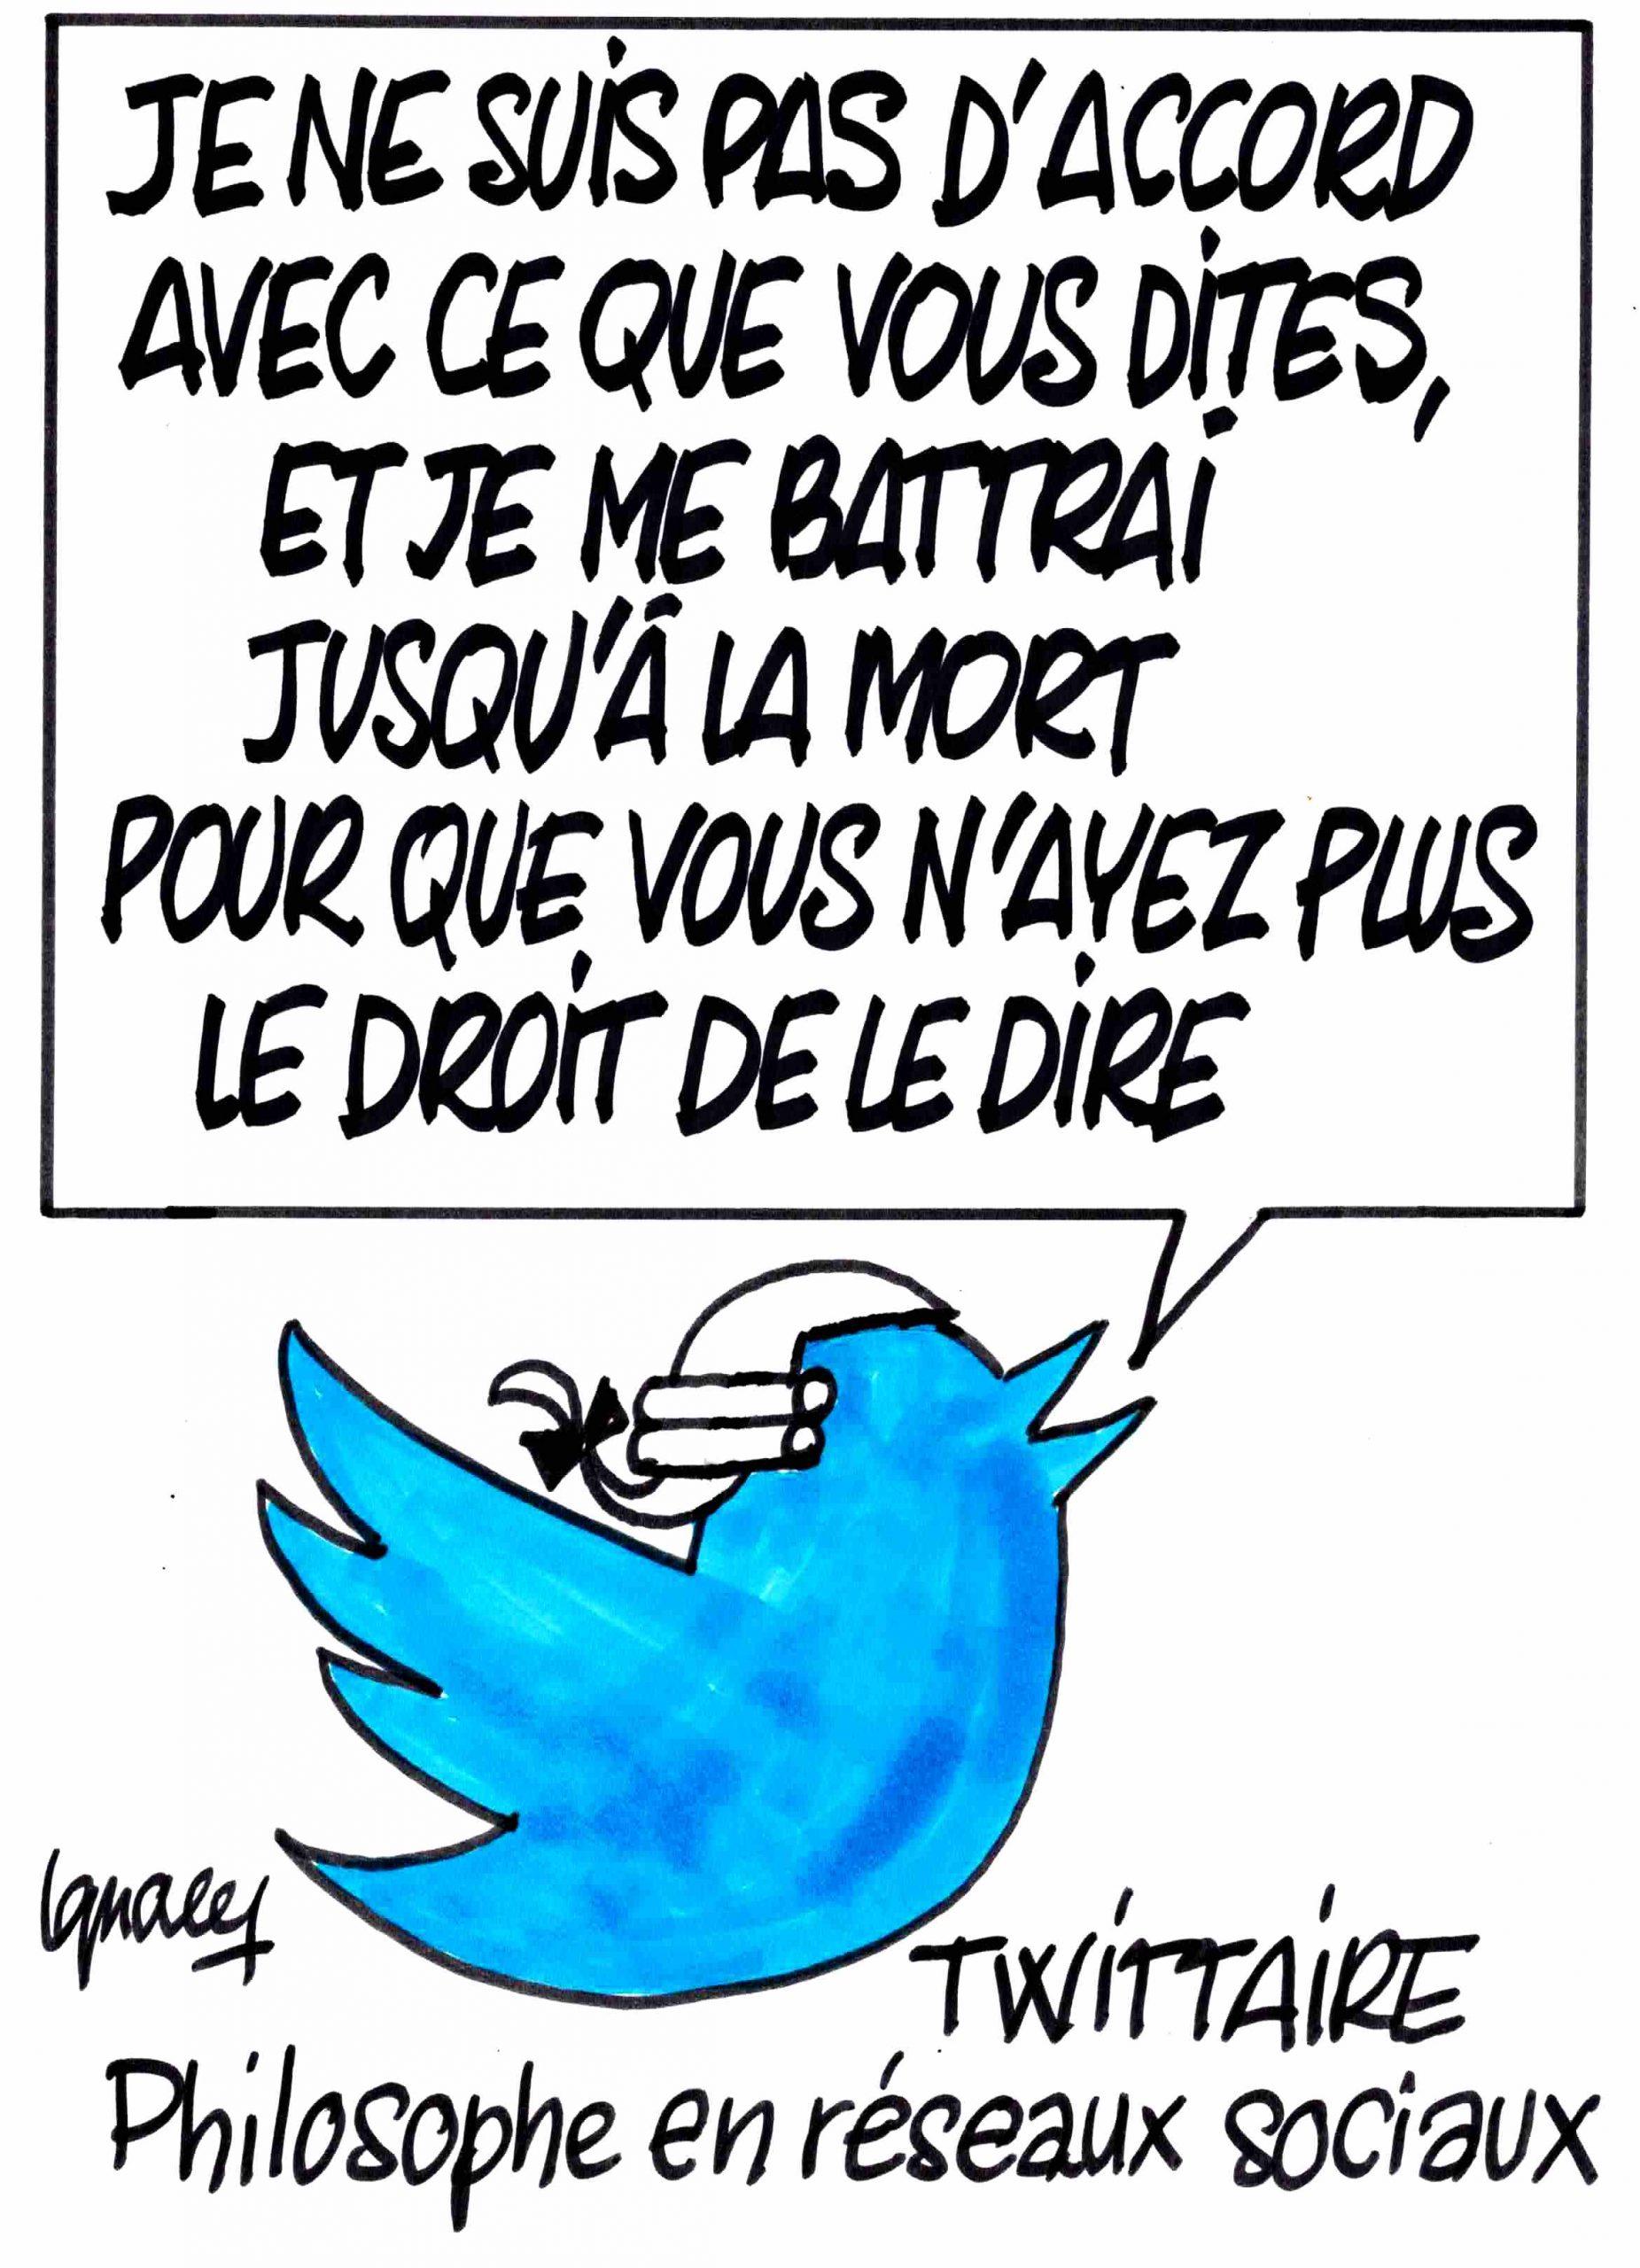 Ignace - Non d'oiseau